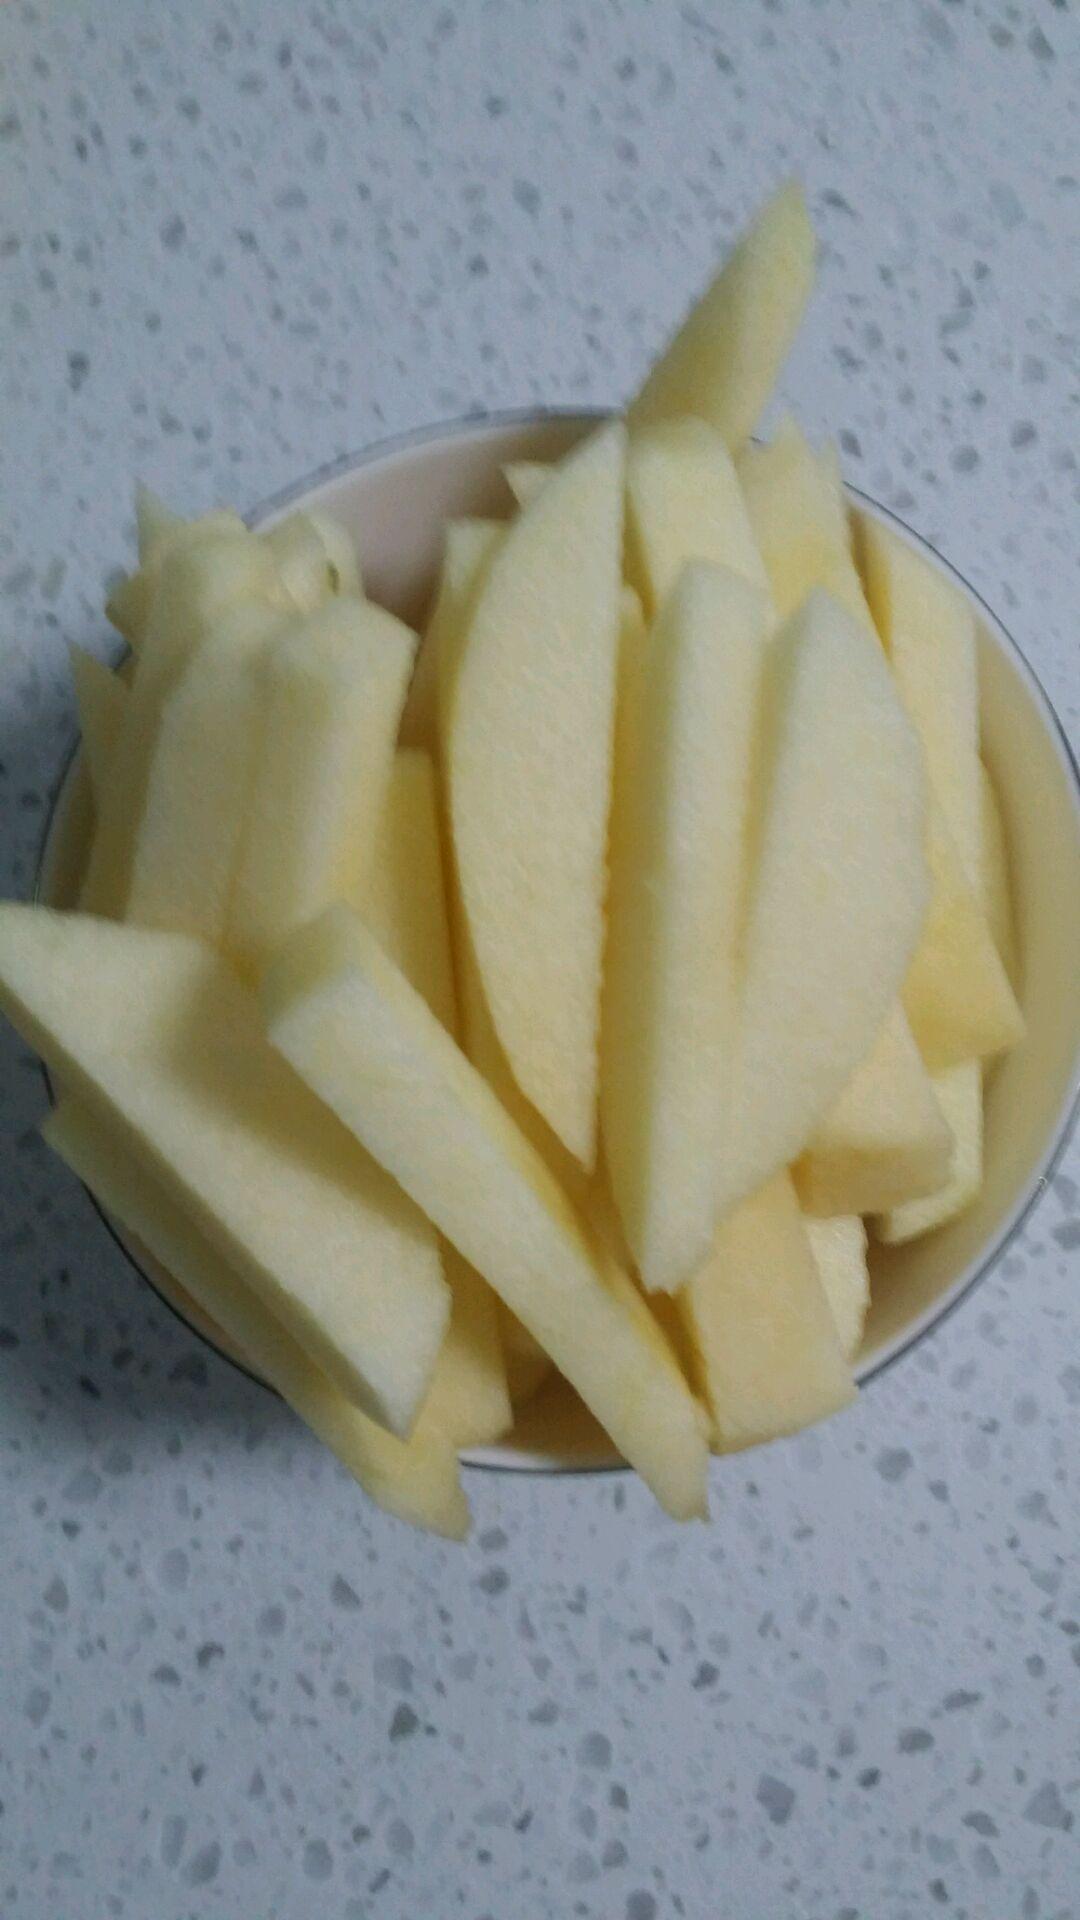 首先苹果切片,然后切成一厘米左右得条状.